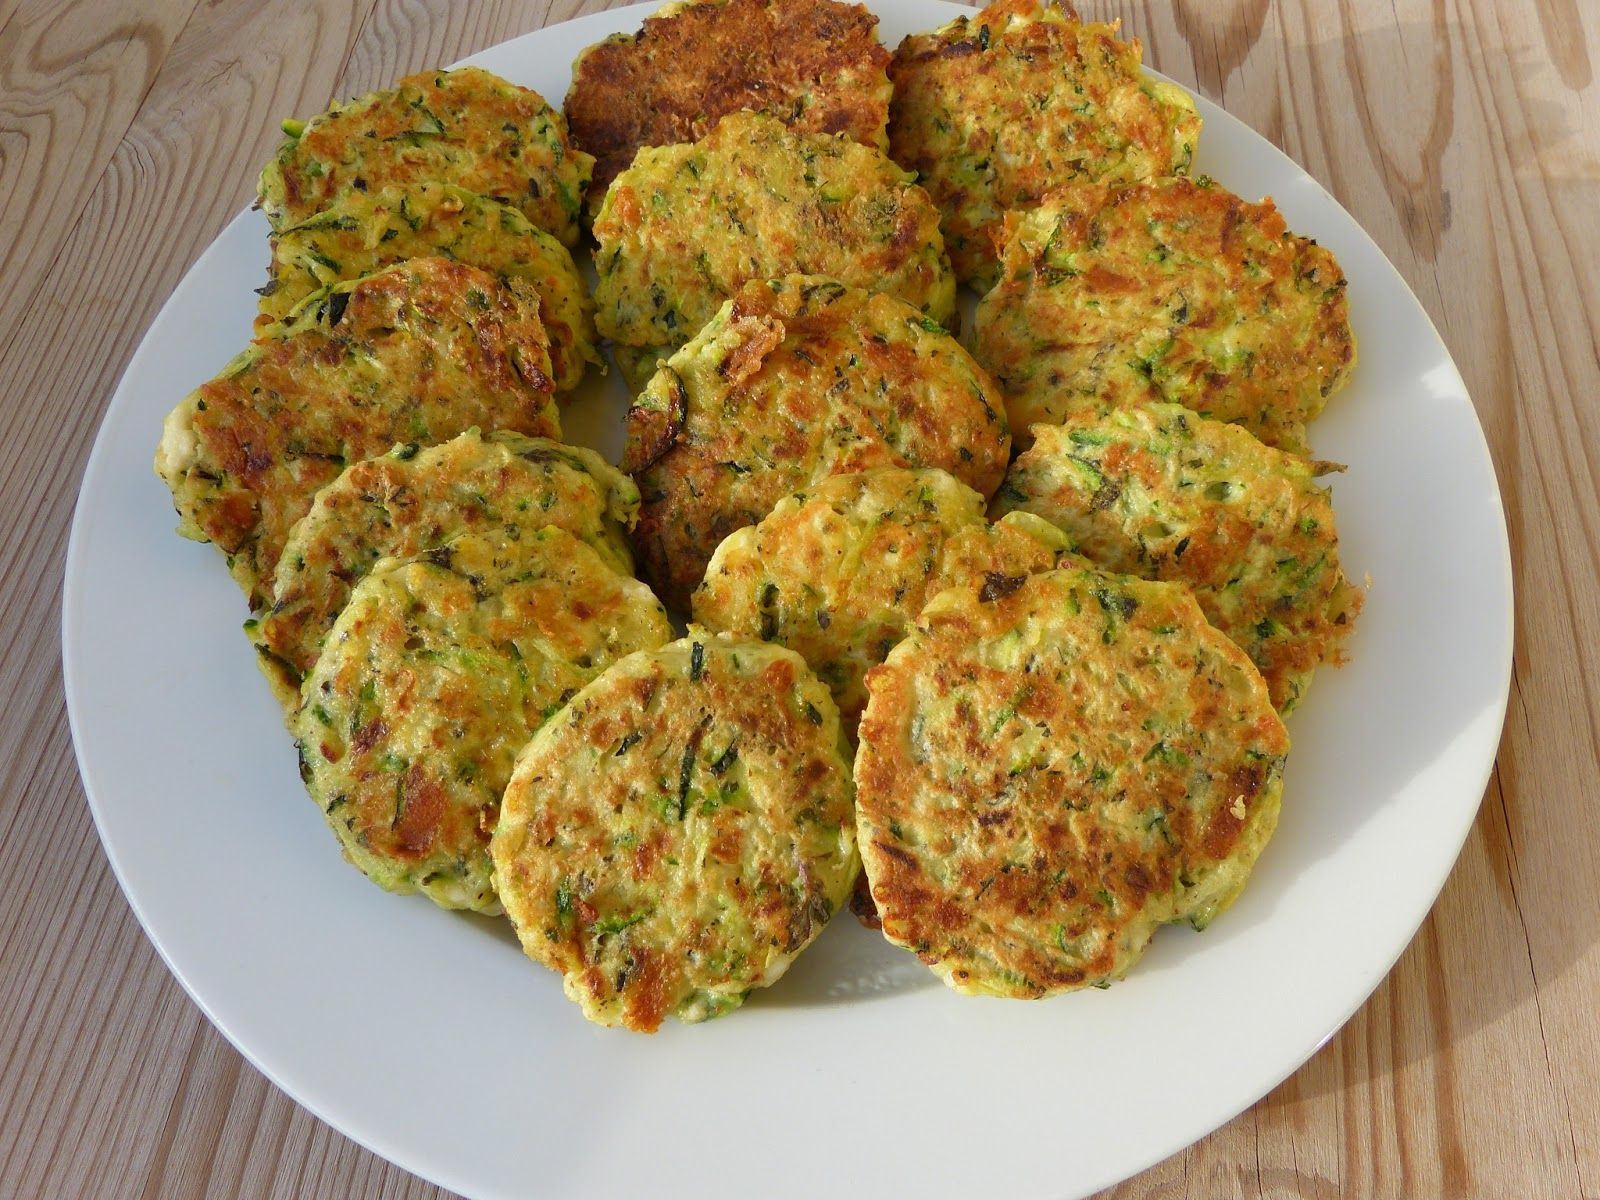 Řecké cuketové placičky 2 cukety 2 vejce 250 g fety nebo balkánského sýra 1 šálek hladké mouky 2 stroužky česneku ½ šálku najemno nasekané plocholisté petrželky 1-2 lžičky rozdrcené sušené máty sůl pepř extra virgin olivový olej Cuketu vymačkejte, sýr, bylinky, rozmačkaný česnek a vejce smíchejte, přidejte pepř, sůl a mouku. Výsledná směs by měla být hustší než na bramborák, aby z ní šly vytvarovat placičky, obalte v hladké mouce a osmažte na olivovém oleji.